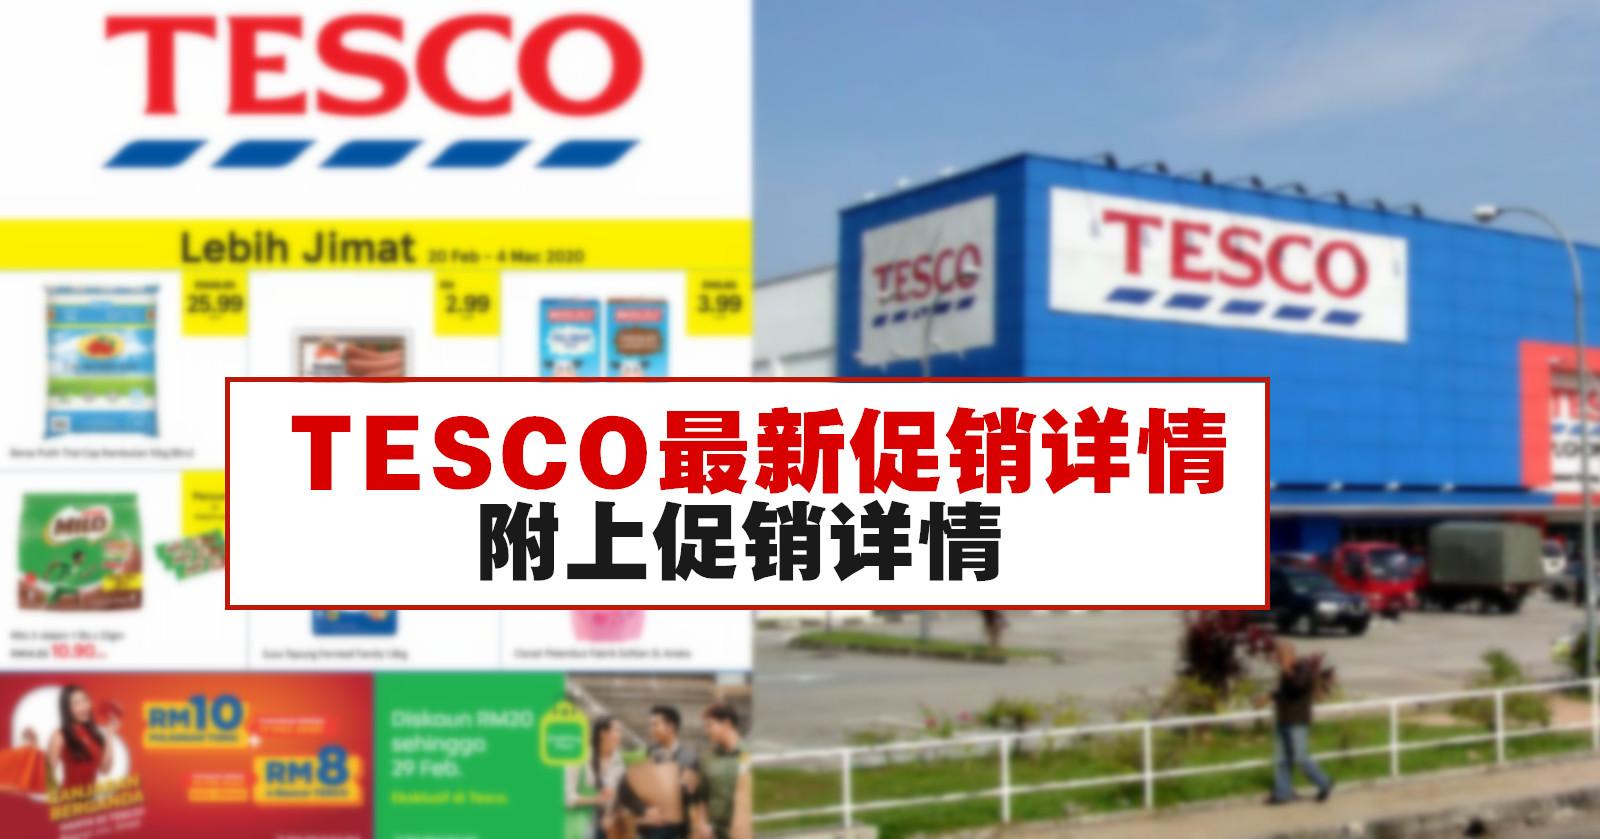 TESCO最新促销详情